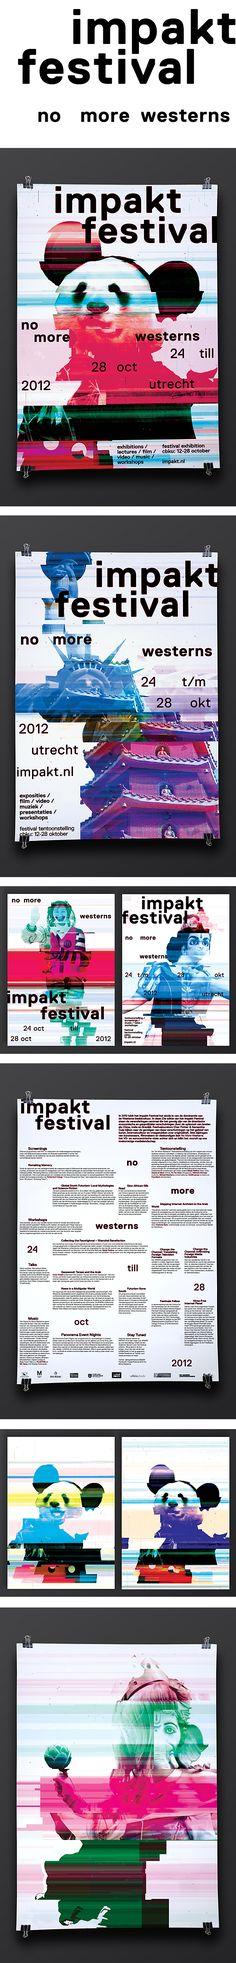 Corporate Design, ID, Logo, Poster, Print, Impakt Festival 2012, by Lava Graphic Design, Amsterdam, NL - @Lava